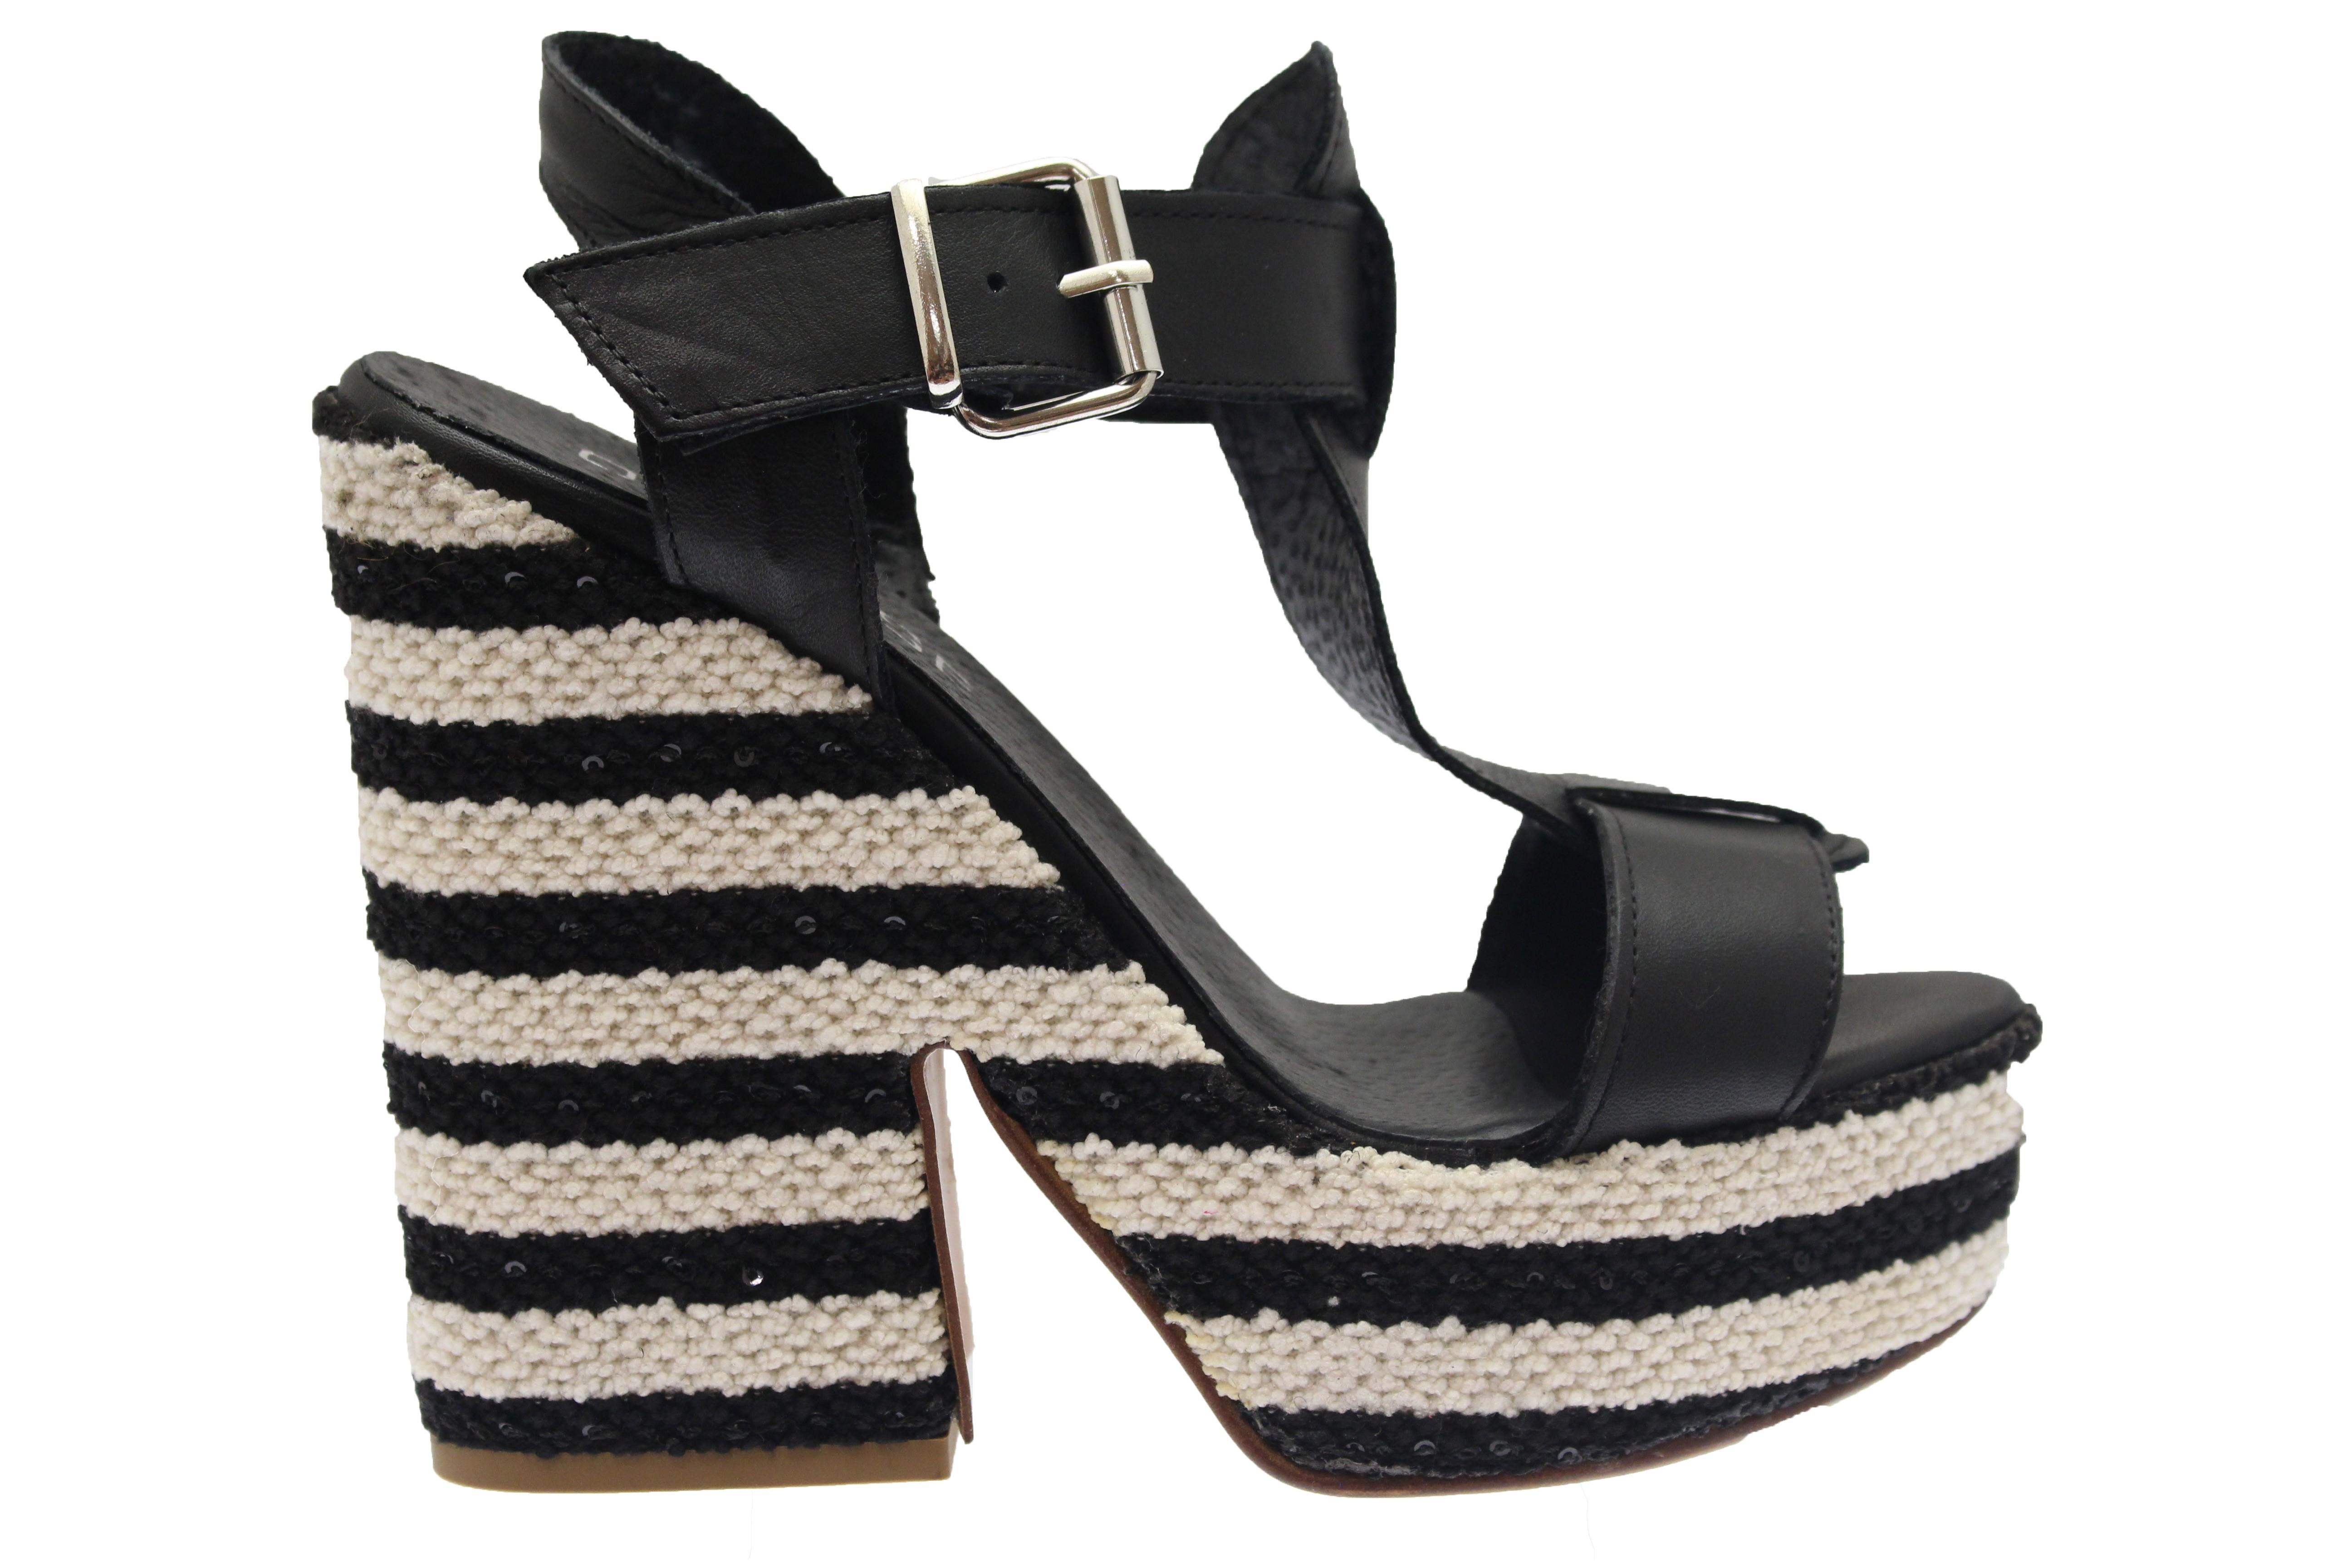 2f83c5e59ffcb1 Tendance rayé blanc & noir: nouvelle compensée rétro chic OSMOSE Shoes